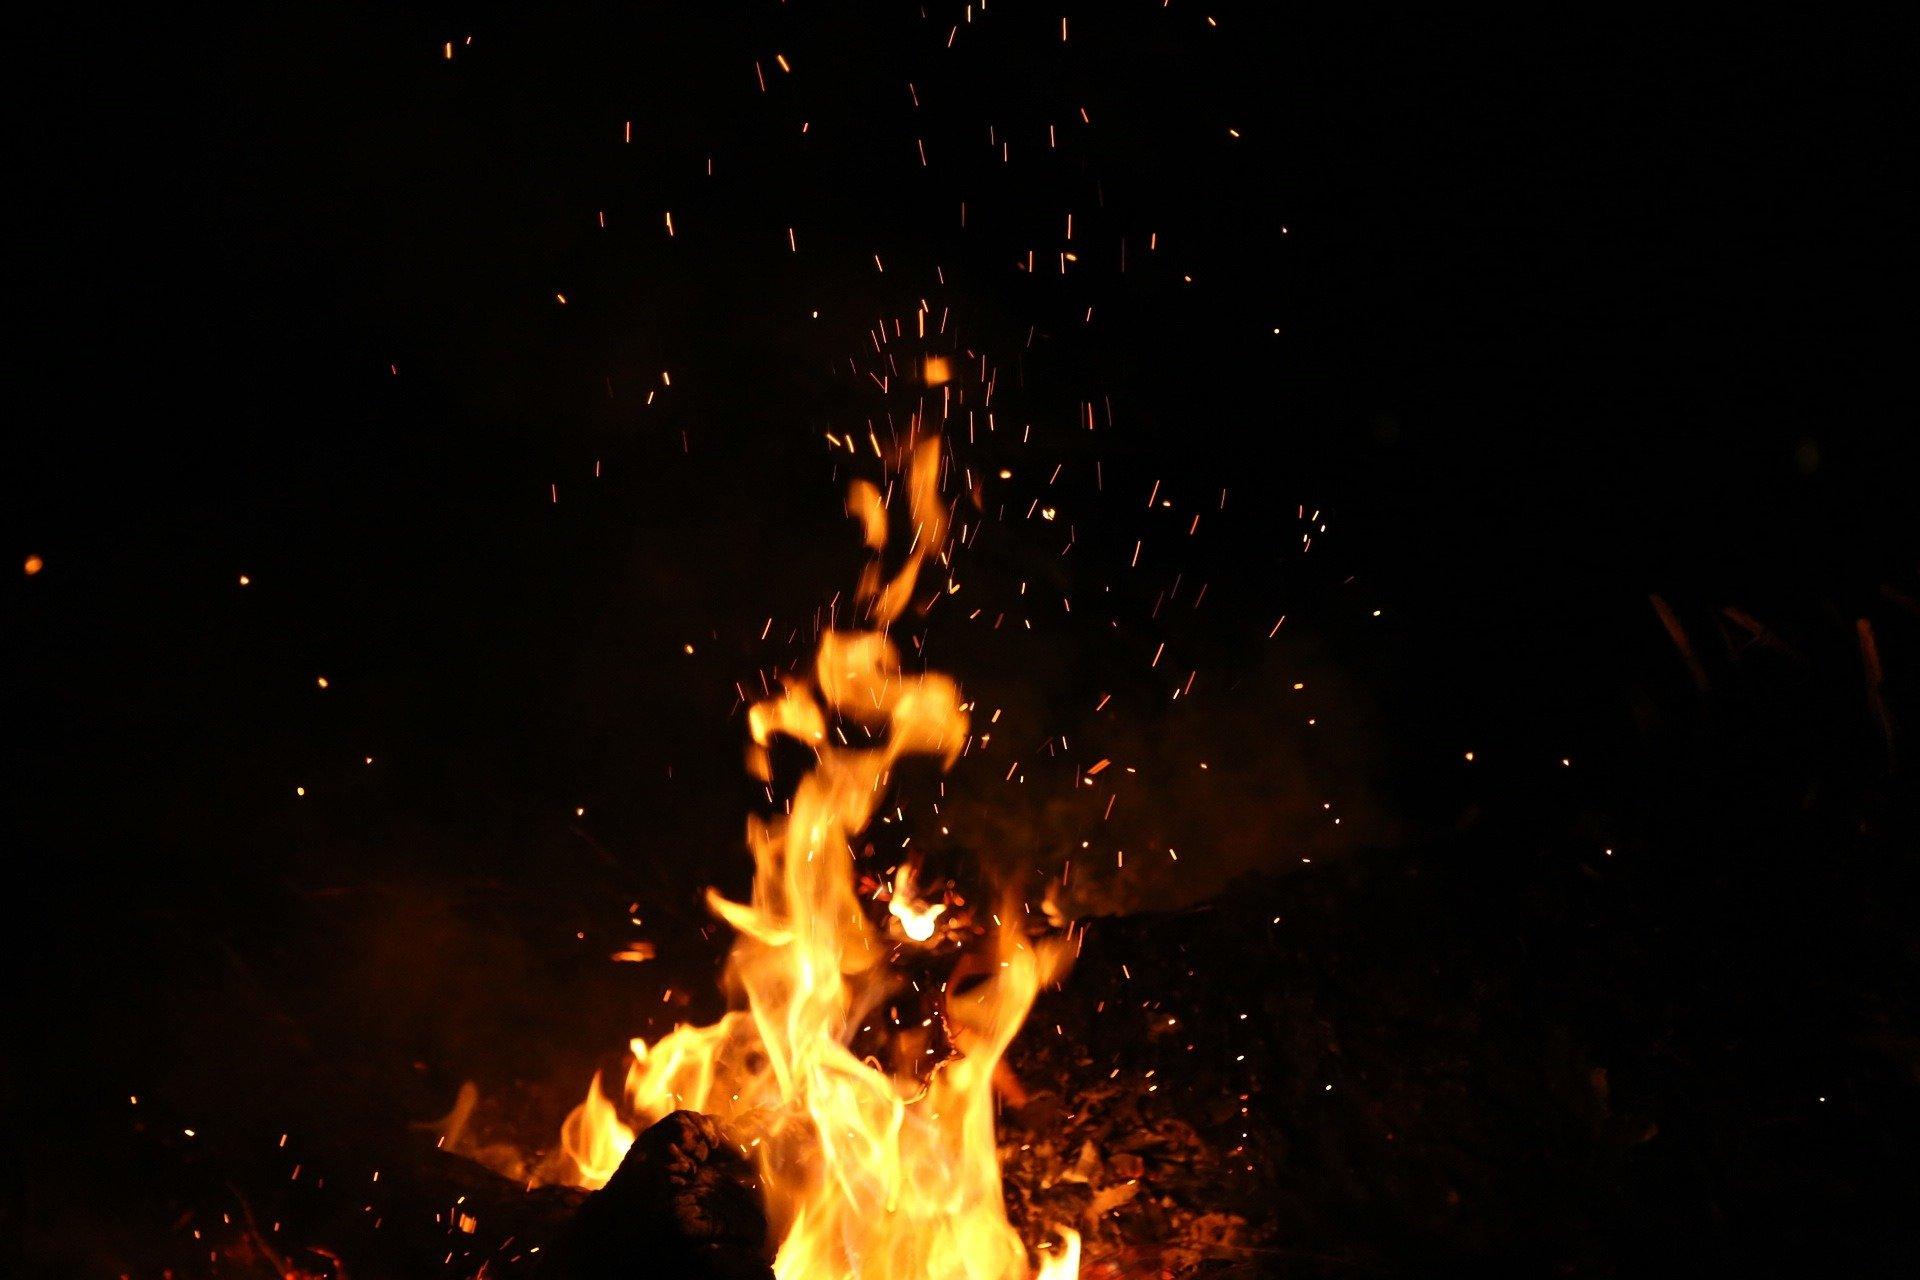 В Абинске возбуждено уголовное дело об угоне и поджоге автомобиля